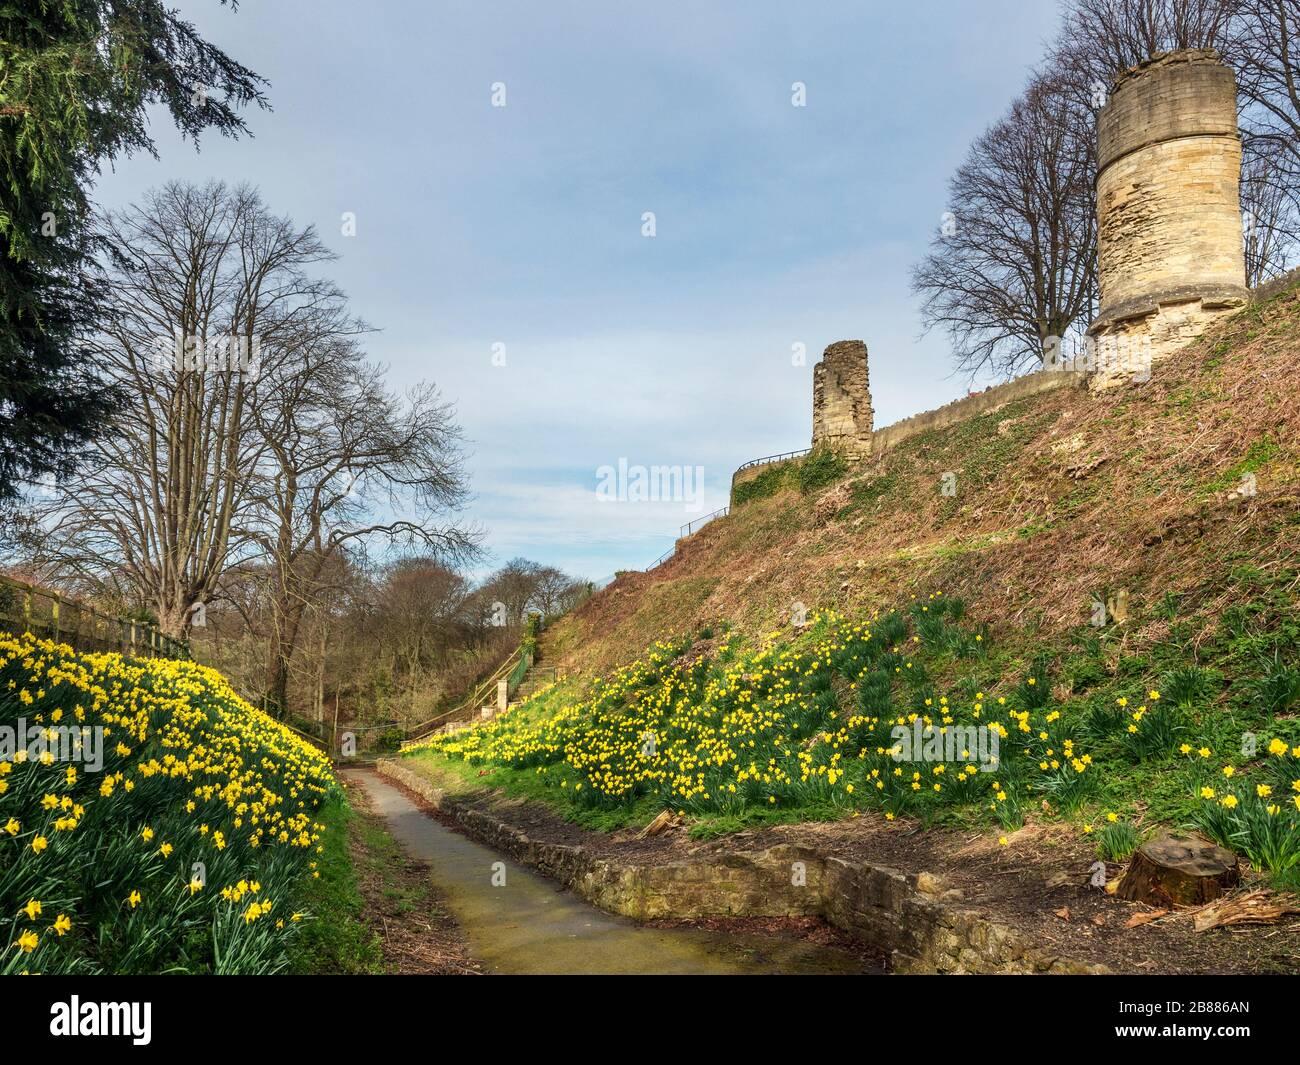 Narcisos en el foso debajo de las torres arruinadas en el Castillo de Knaresborough en Knaresborough North Yorkshire Inglaterra Foto de stock